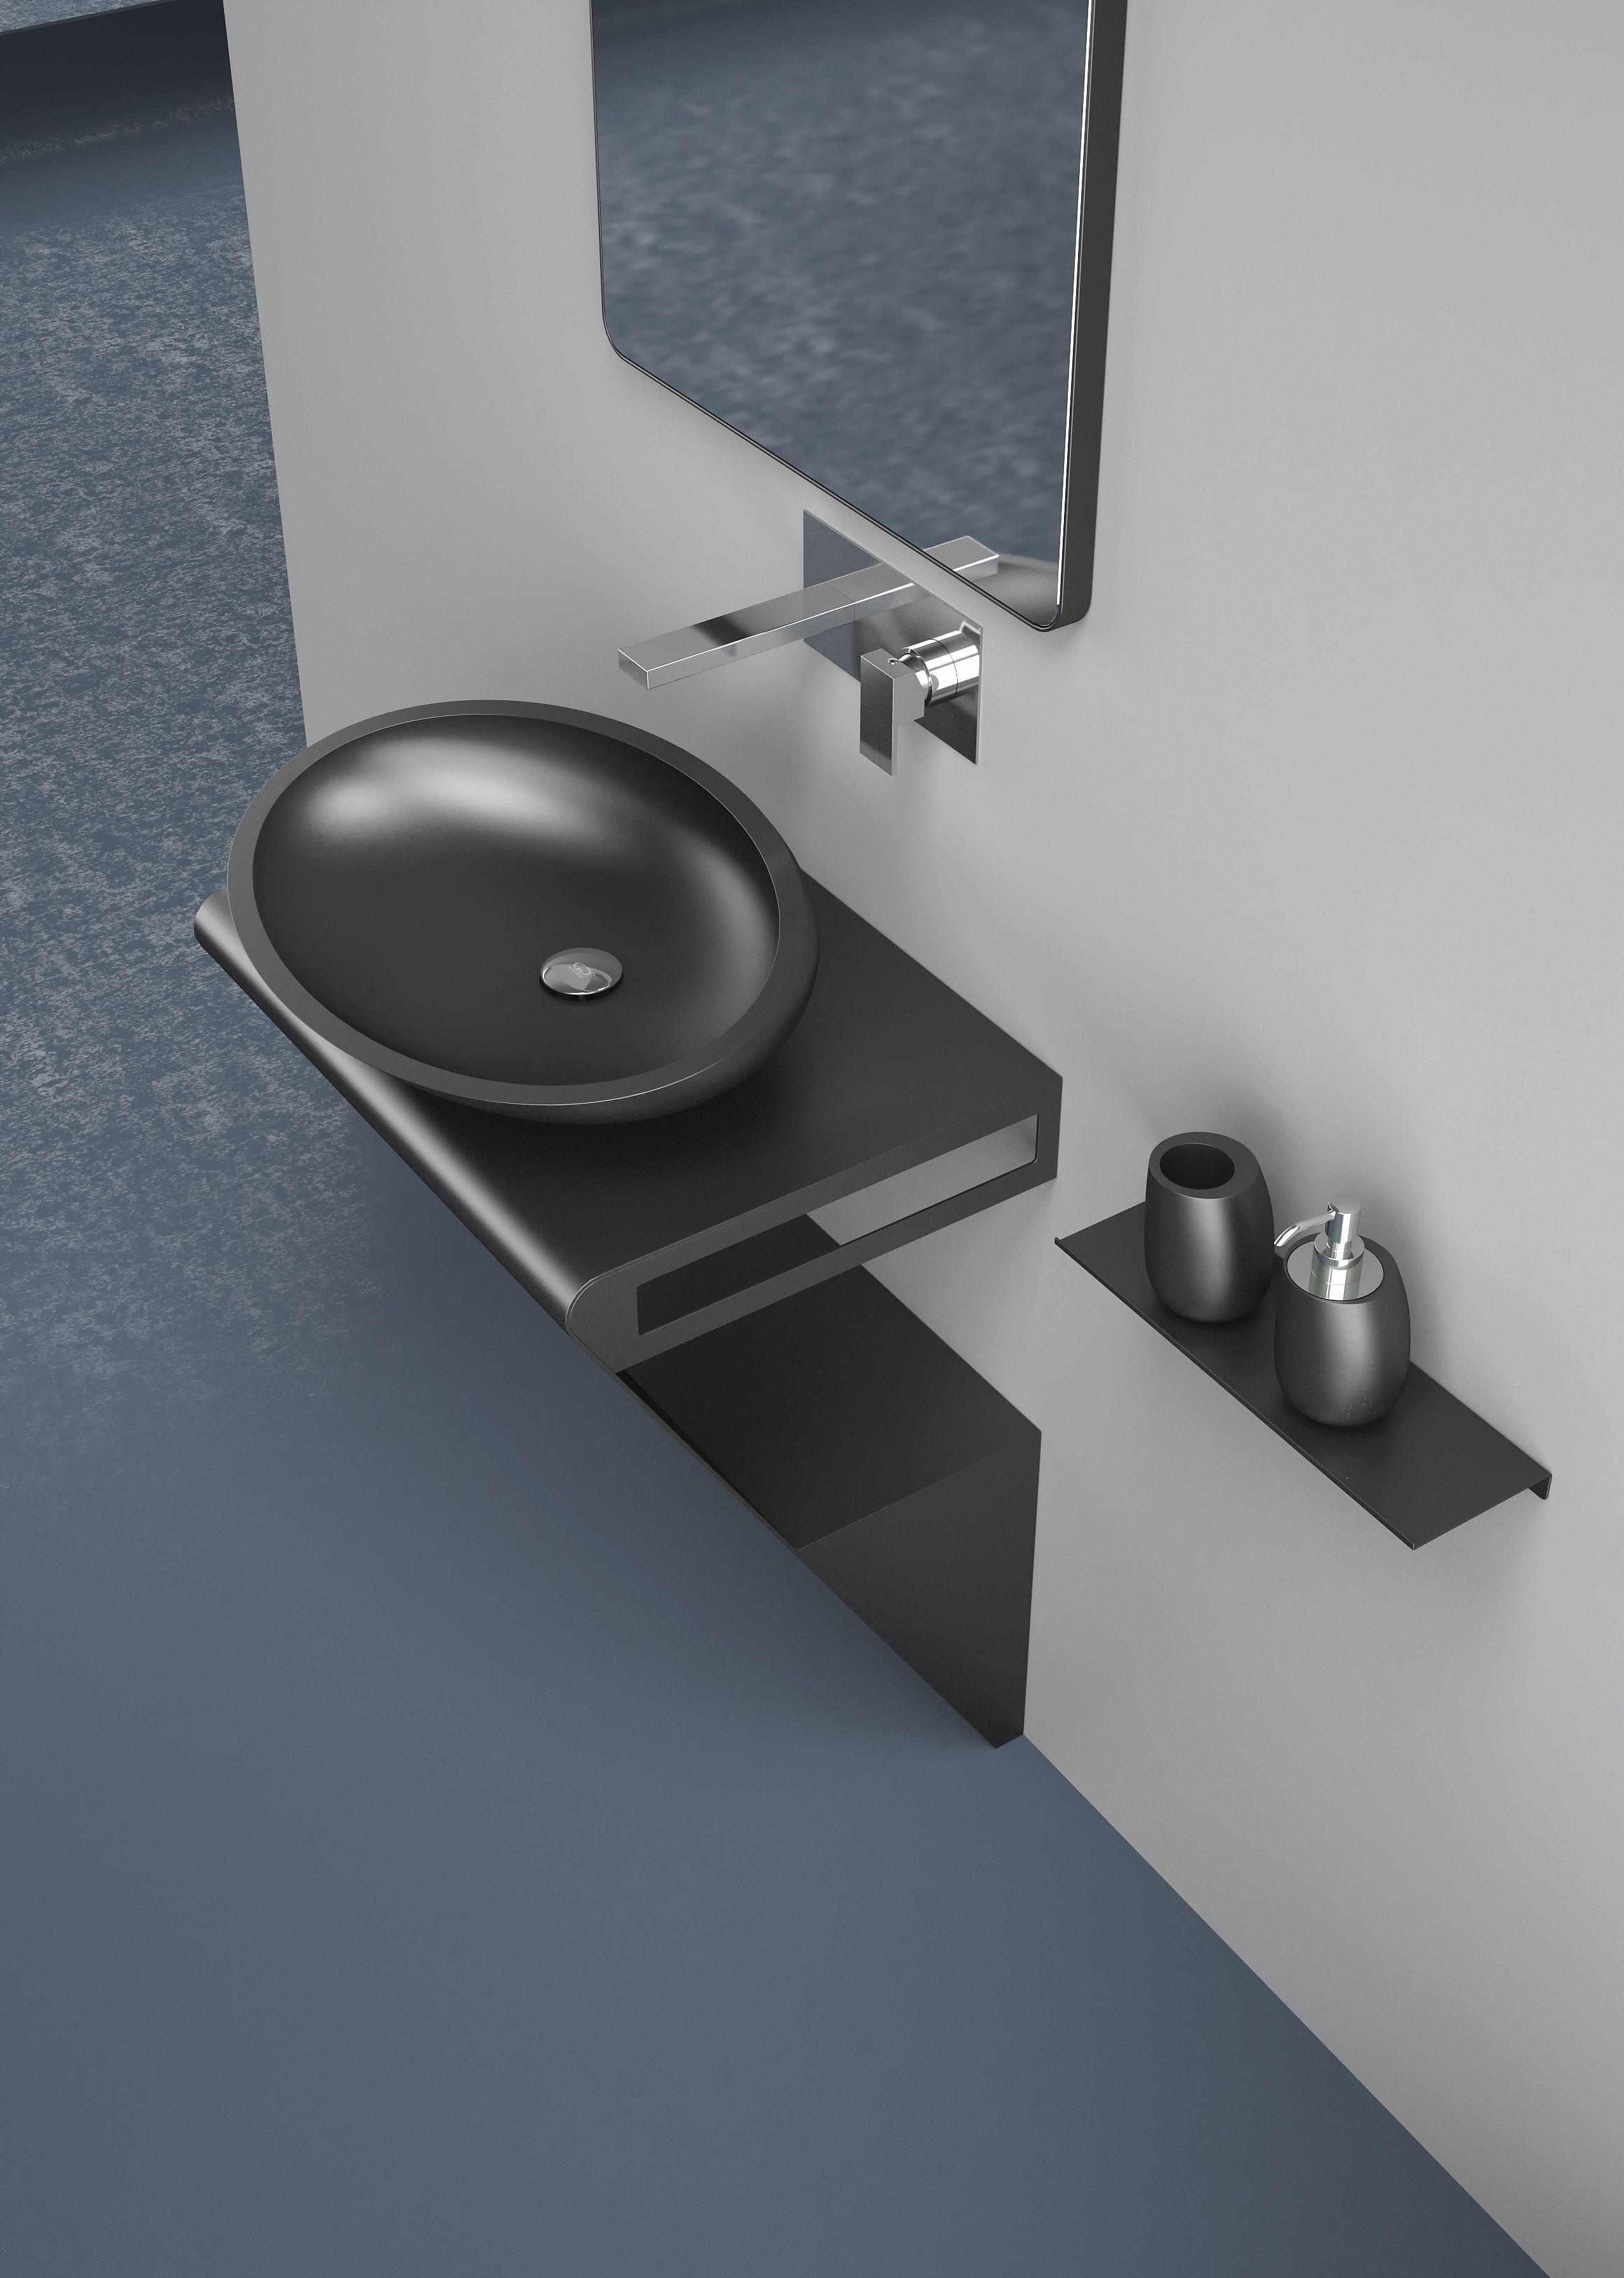 Etagere Salle De Bain A Poser meuble lavabo zero en 2020 | meuble lavabo, décoration